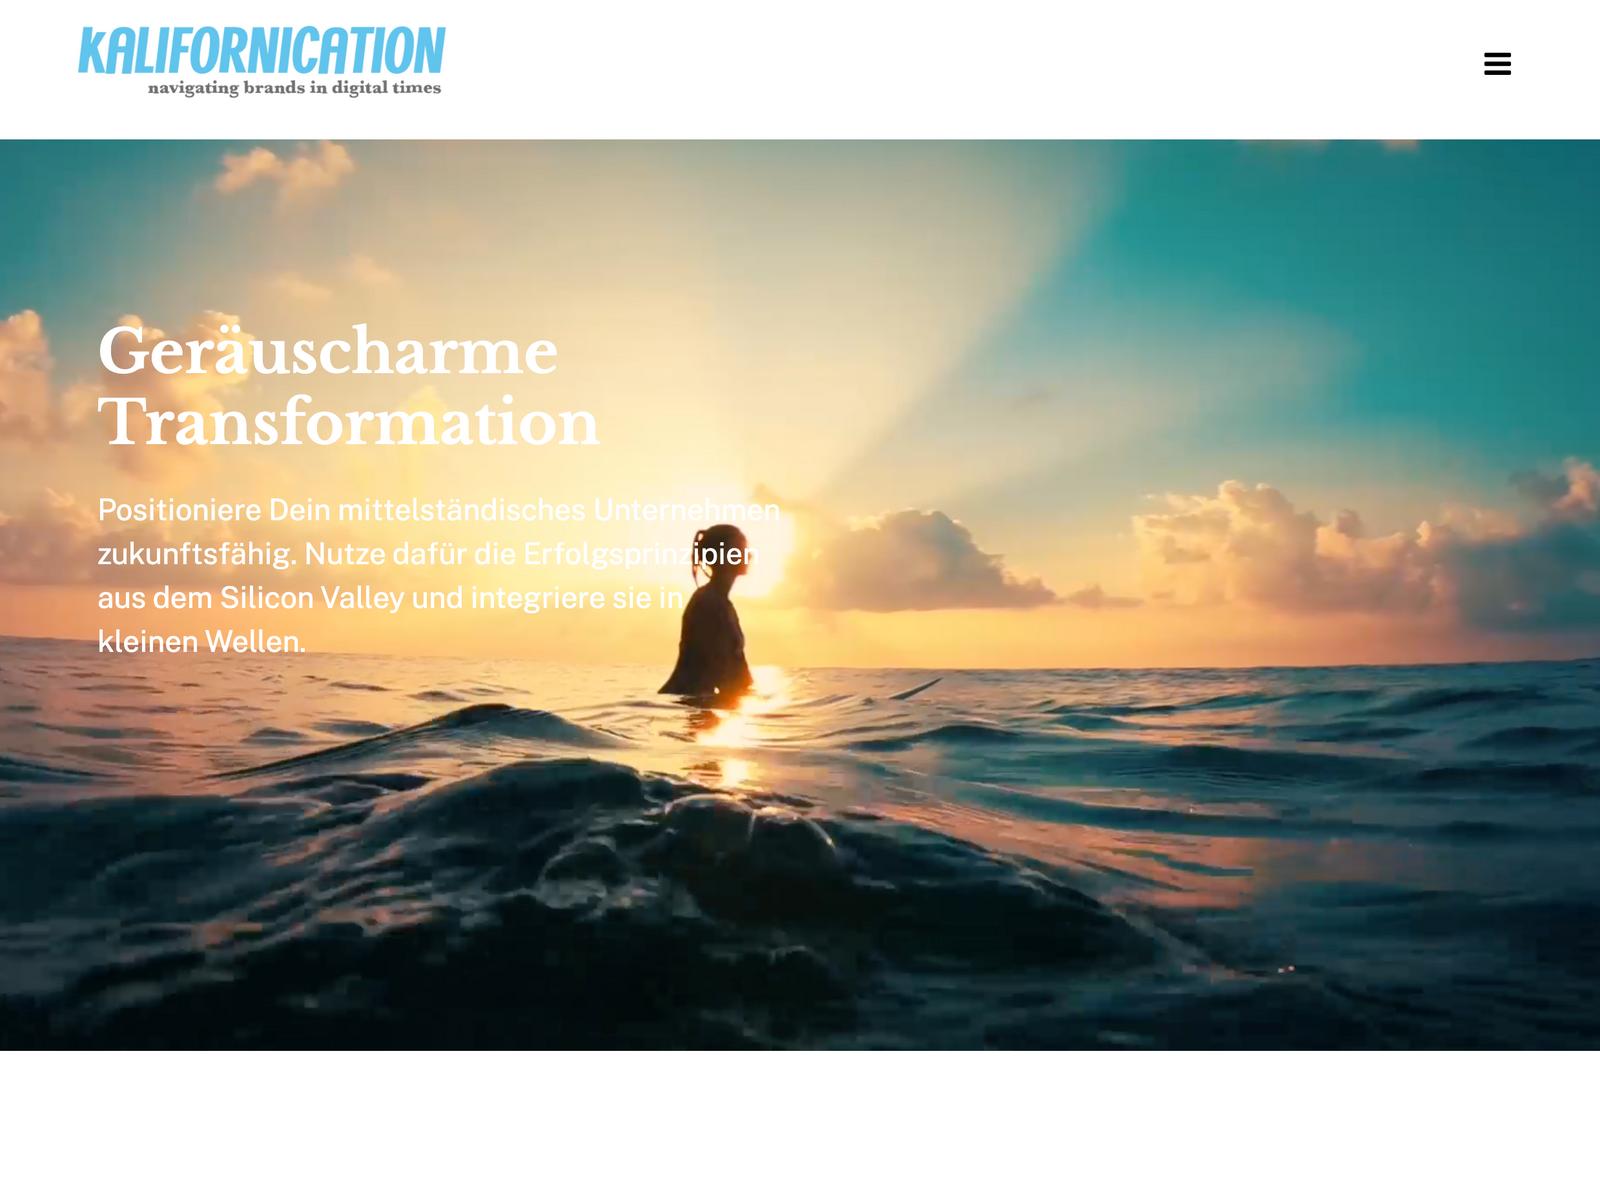 Onepager-Relaunch mit Wordpress für Kalifornication